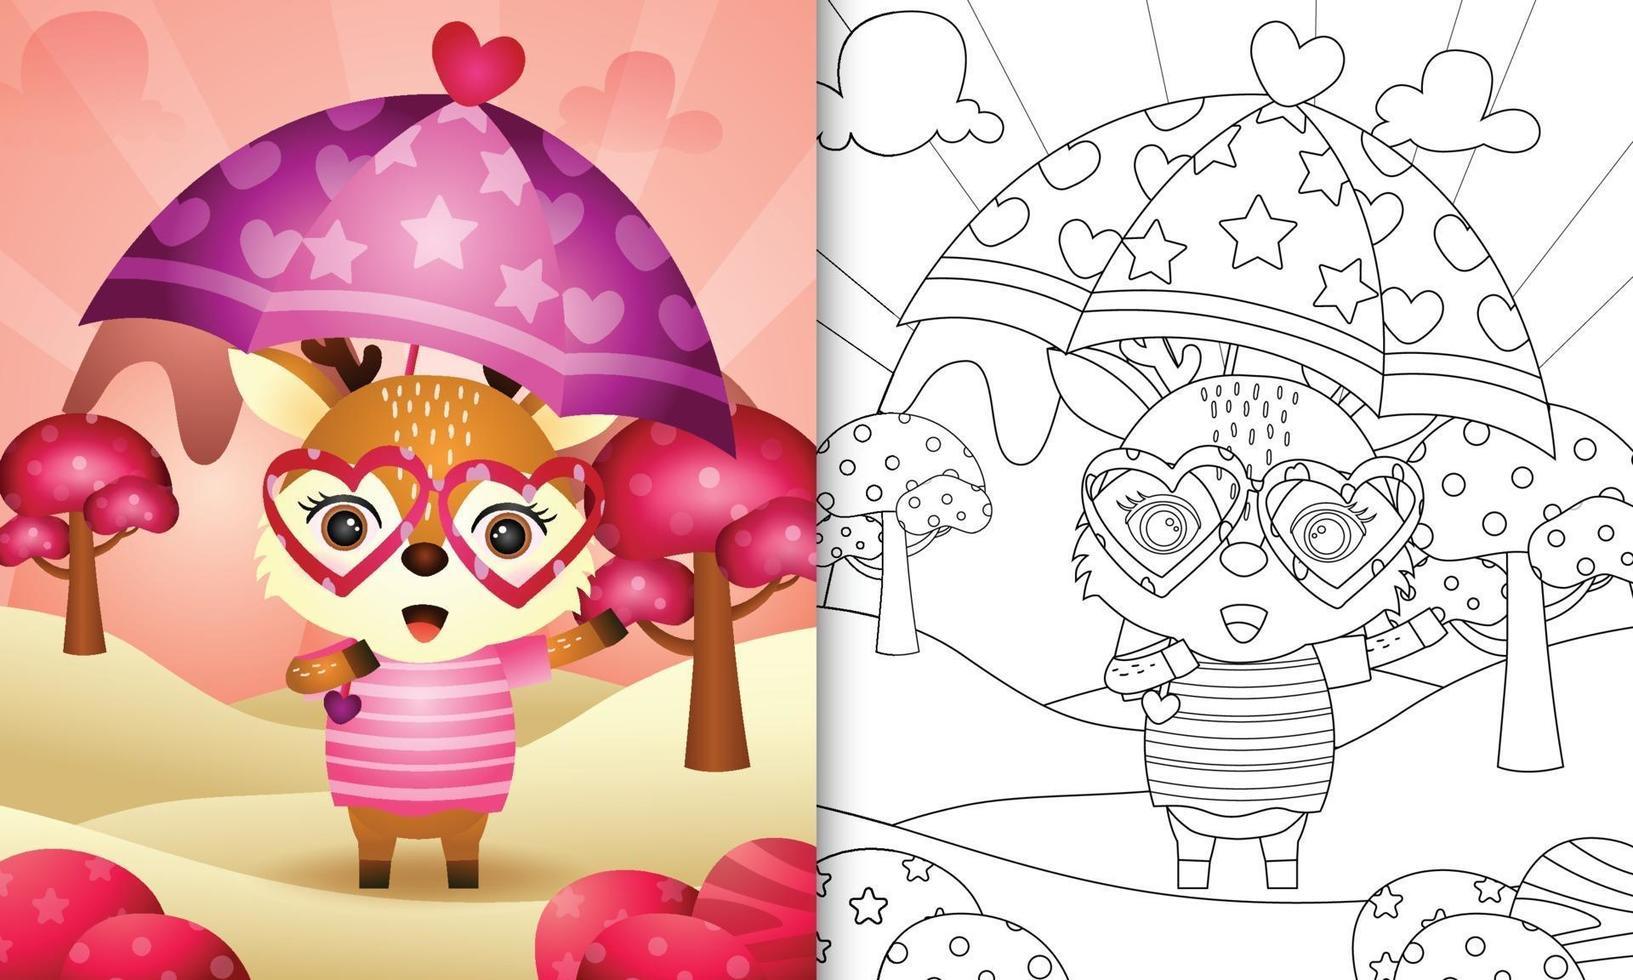 Malbuch für Kinder mit einem niedlichen Hirsch, der Regenschirm themenorientierten Valentinstag hält vektor